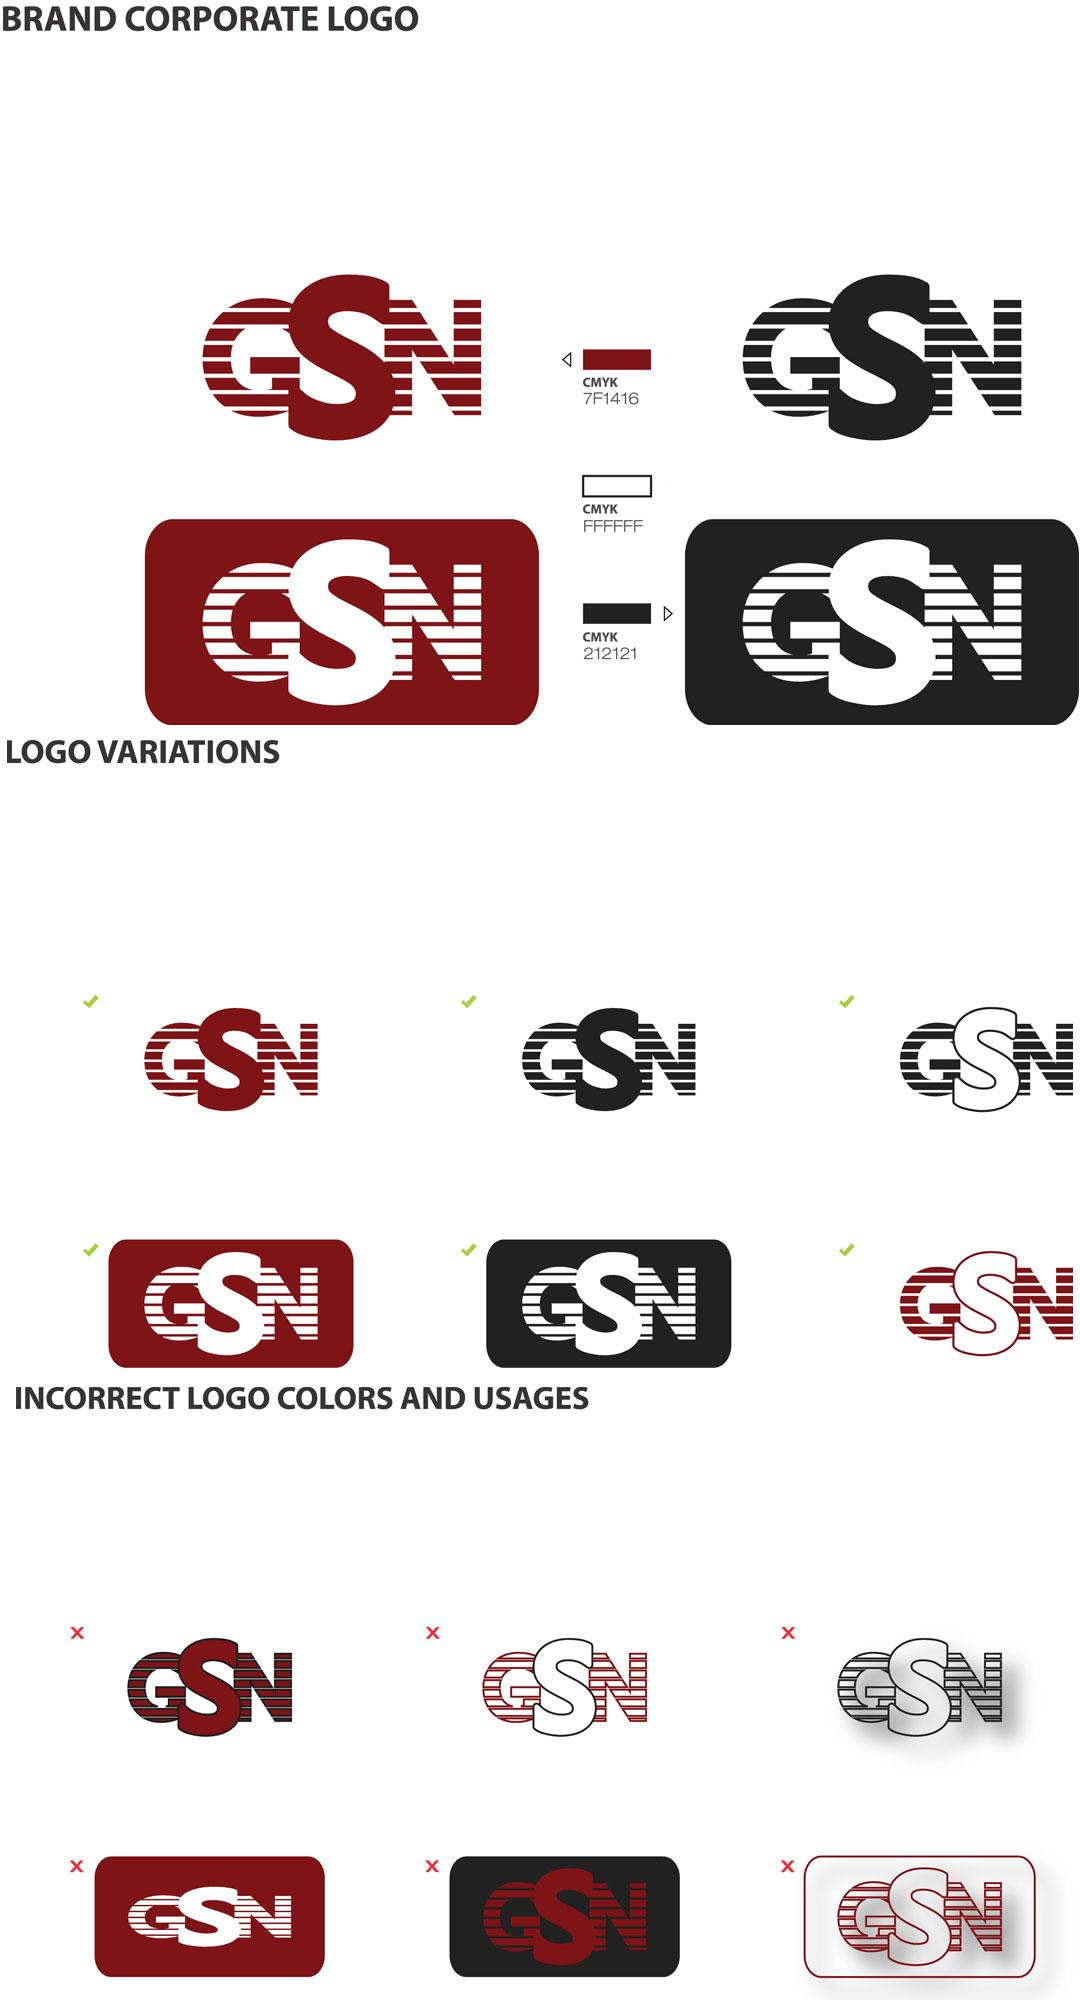 GSN.GE